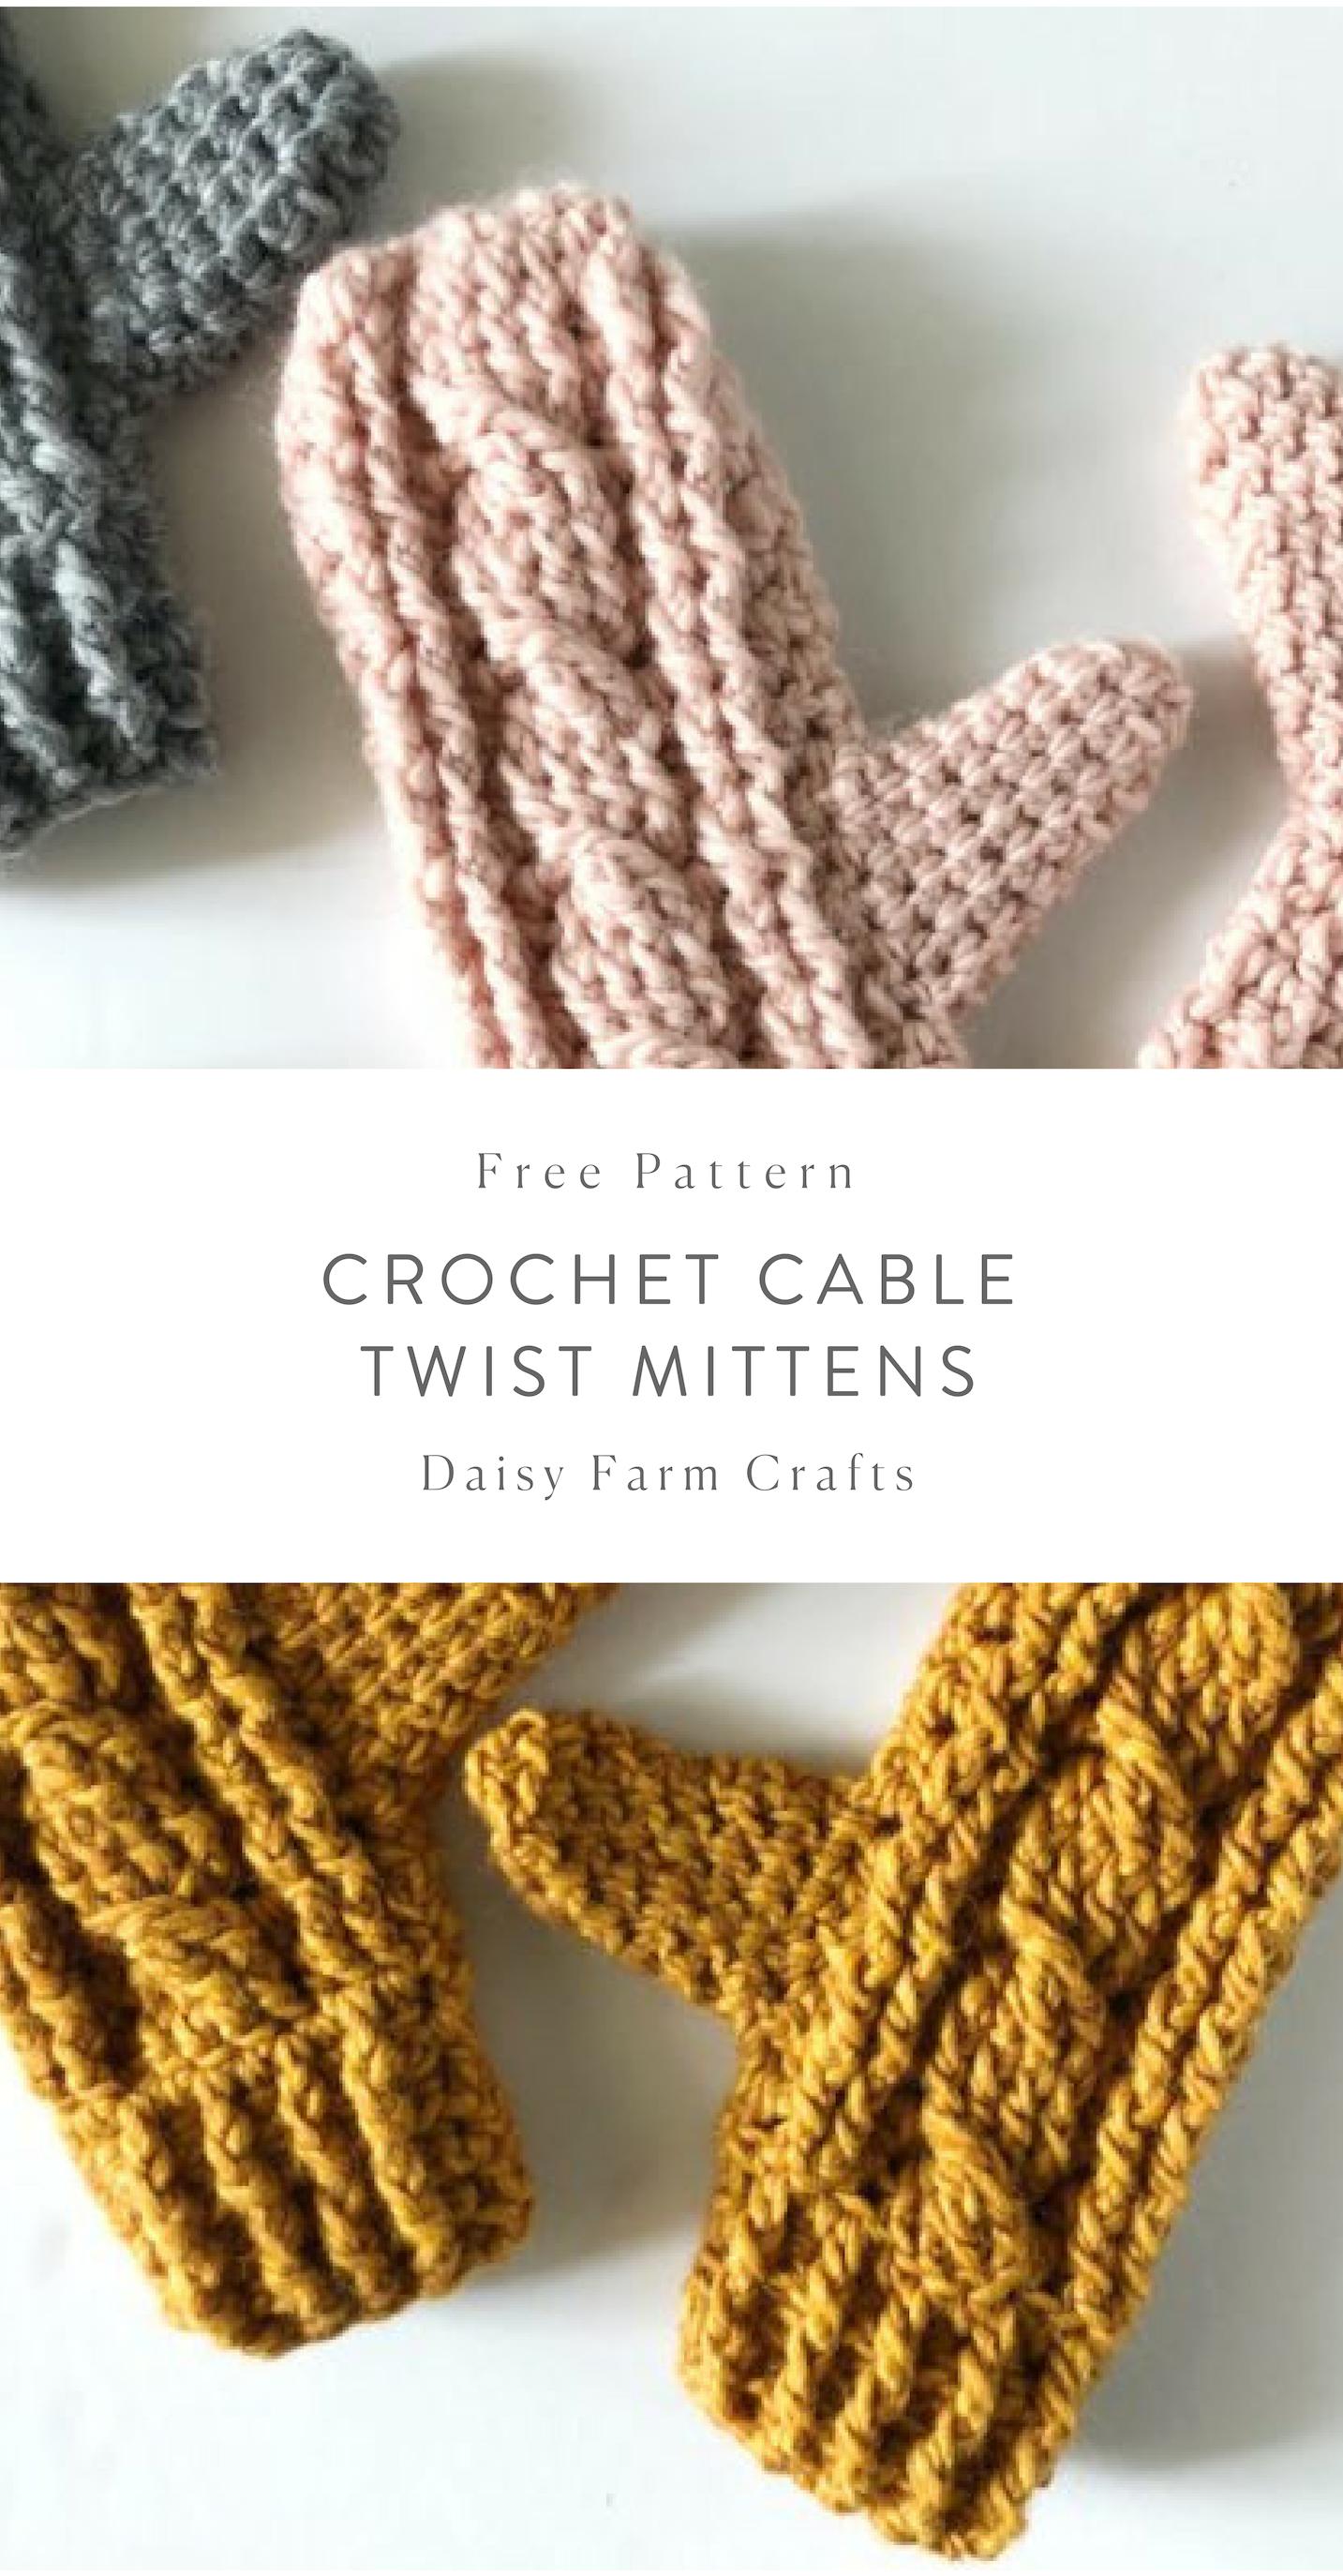 Free Pattern - Crochet Cable Twist Mittens   Crochet   Pinterest ...